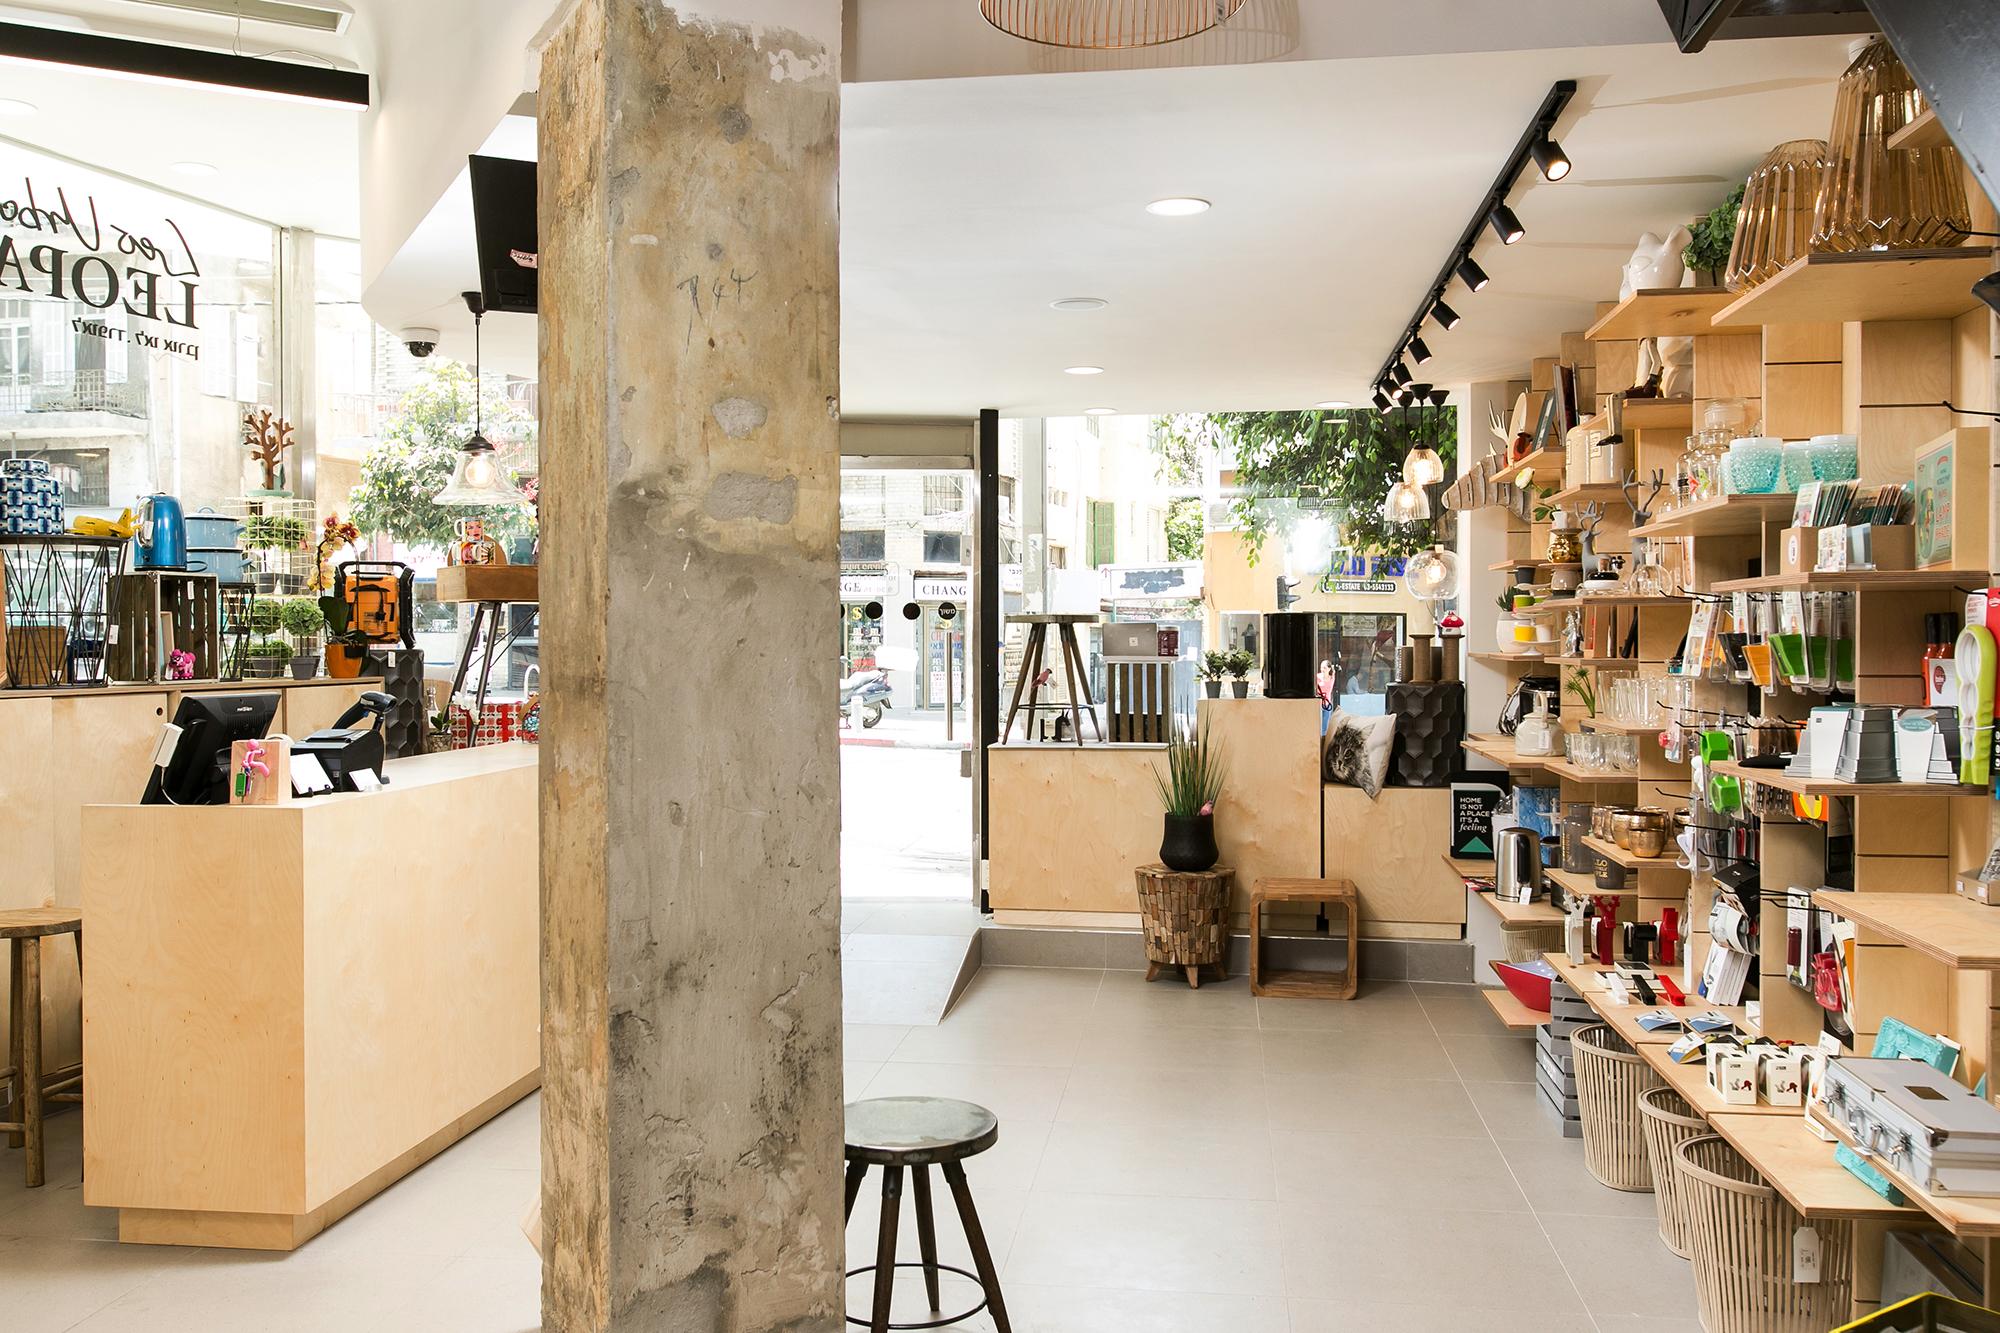 עיצוב חנות, עיצוב חנויות, עיצוב פנים